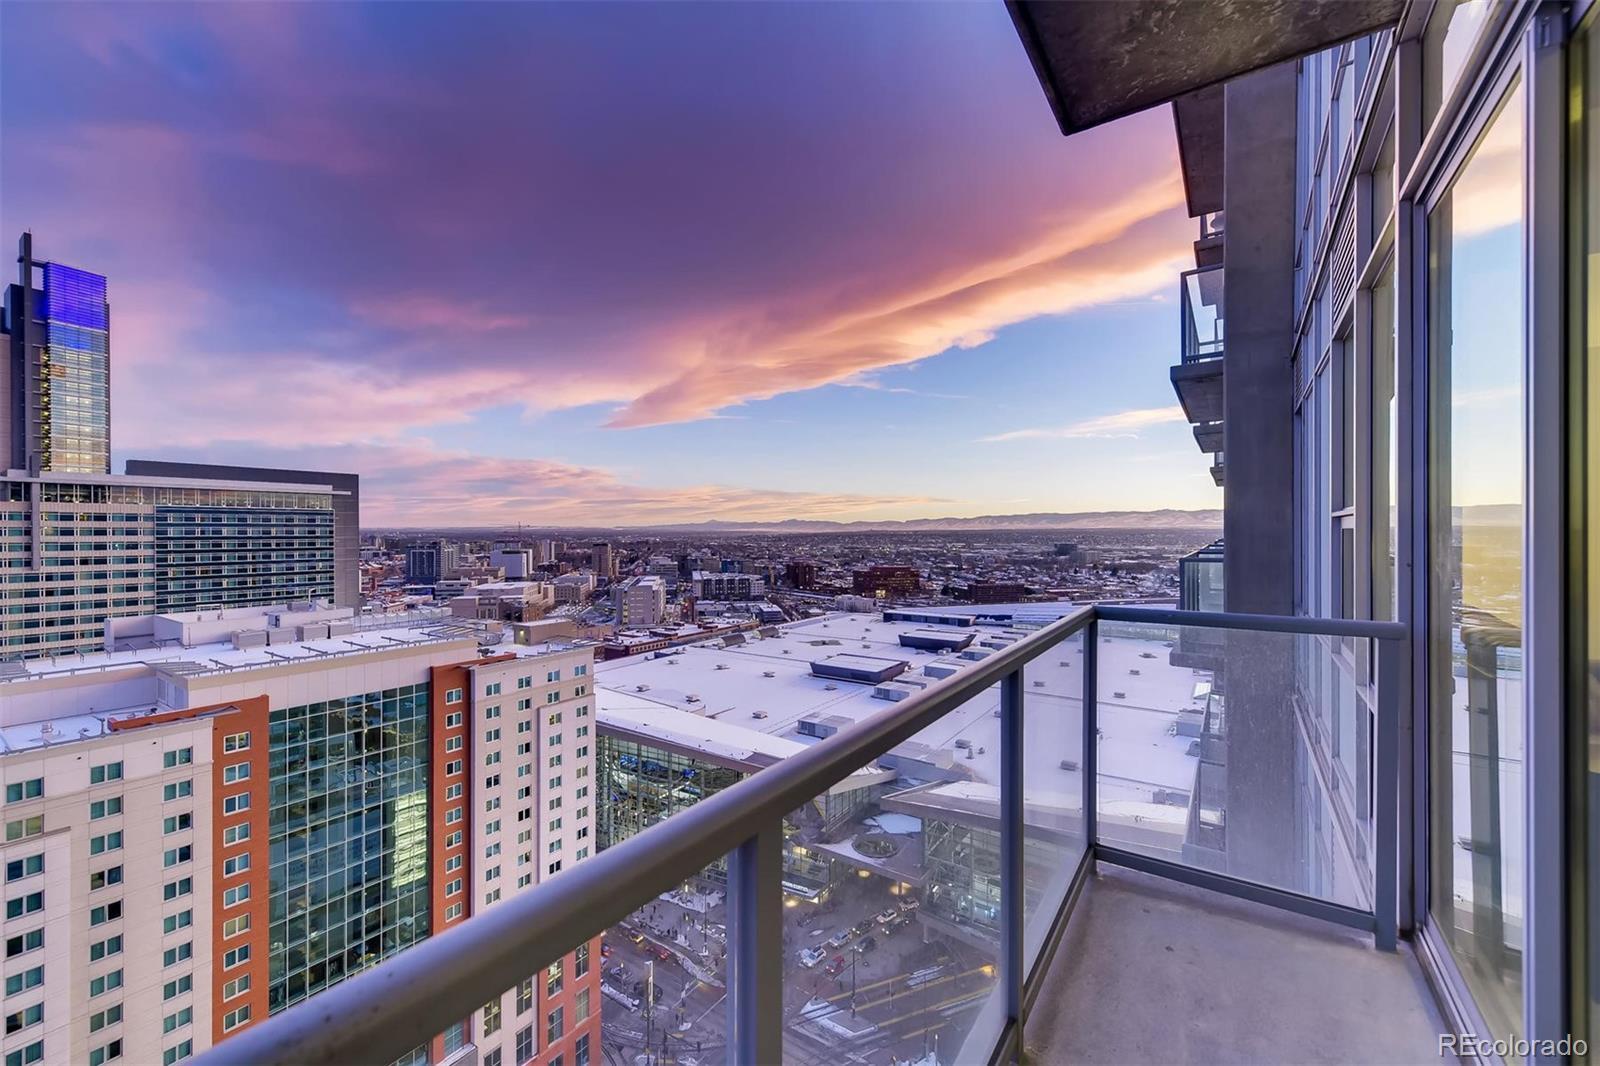 MLS# 4389027 - 15 - 891 14th Street #2610, Denver, CO 80202